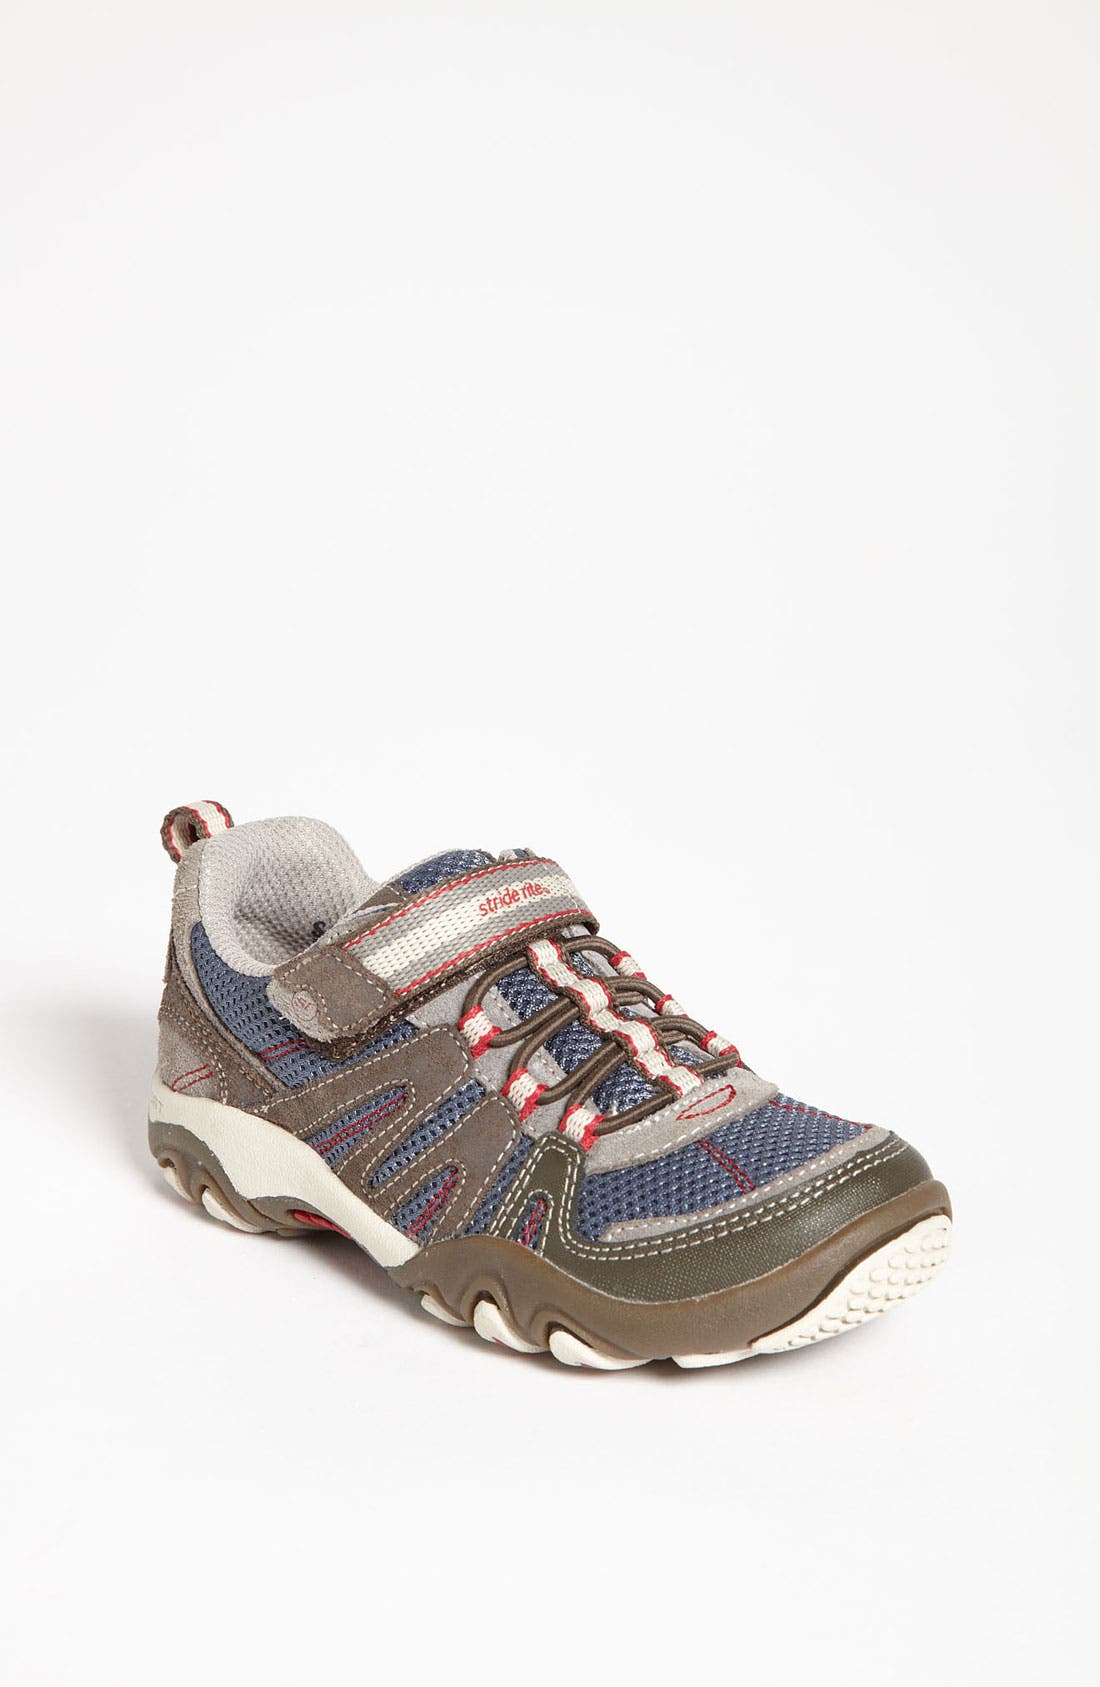 Alternate Image 1 Selected - Stride Rite 'Palmer' Sneaker (Toddler & Little Kid)